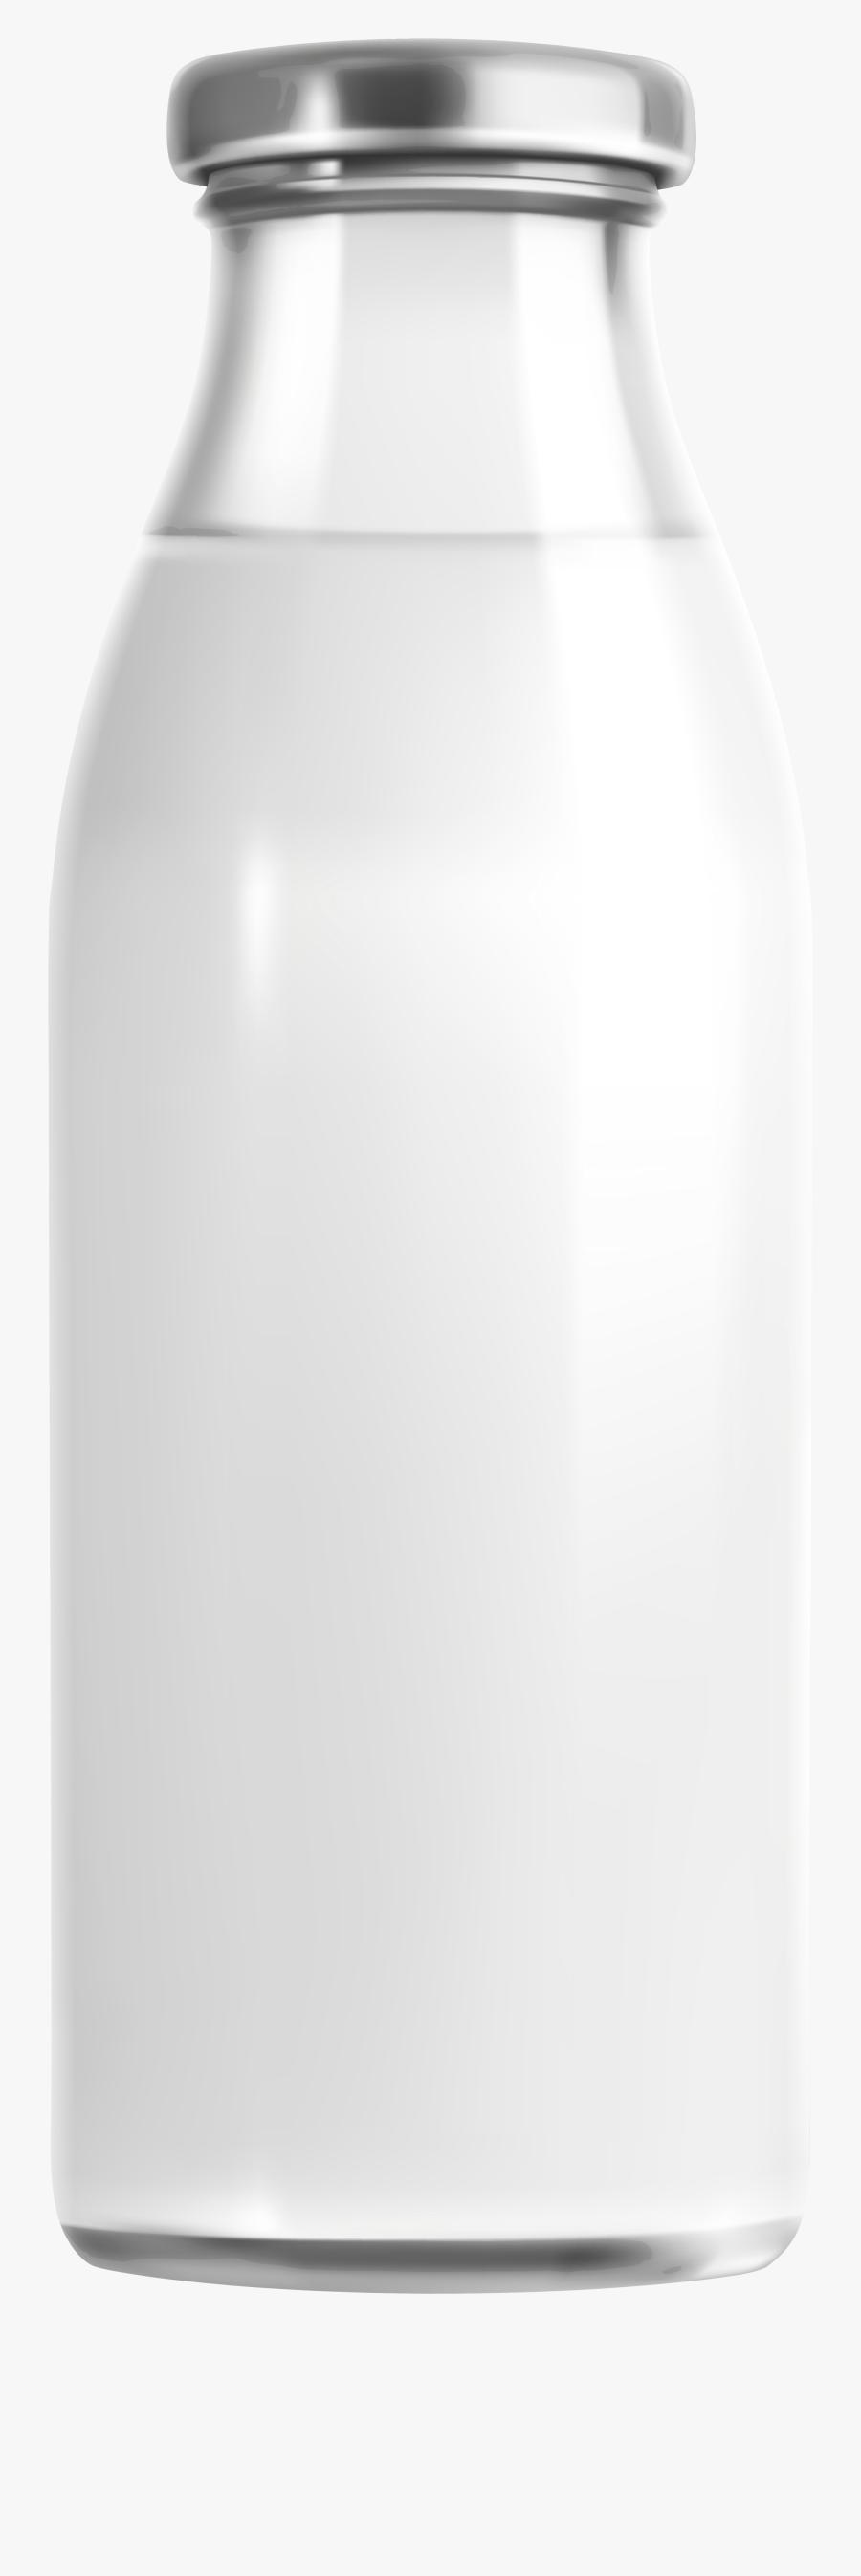 Milk Bottle Png Clip Art - Milk Glass Bottle Png, Transparent Clipart